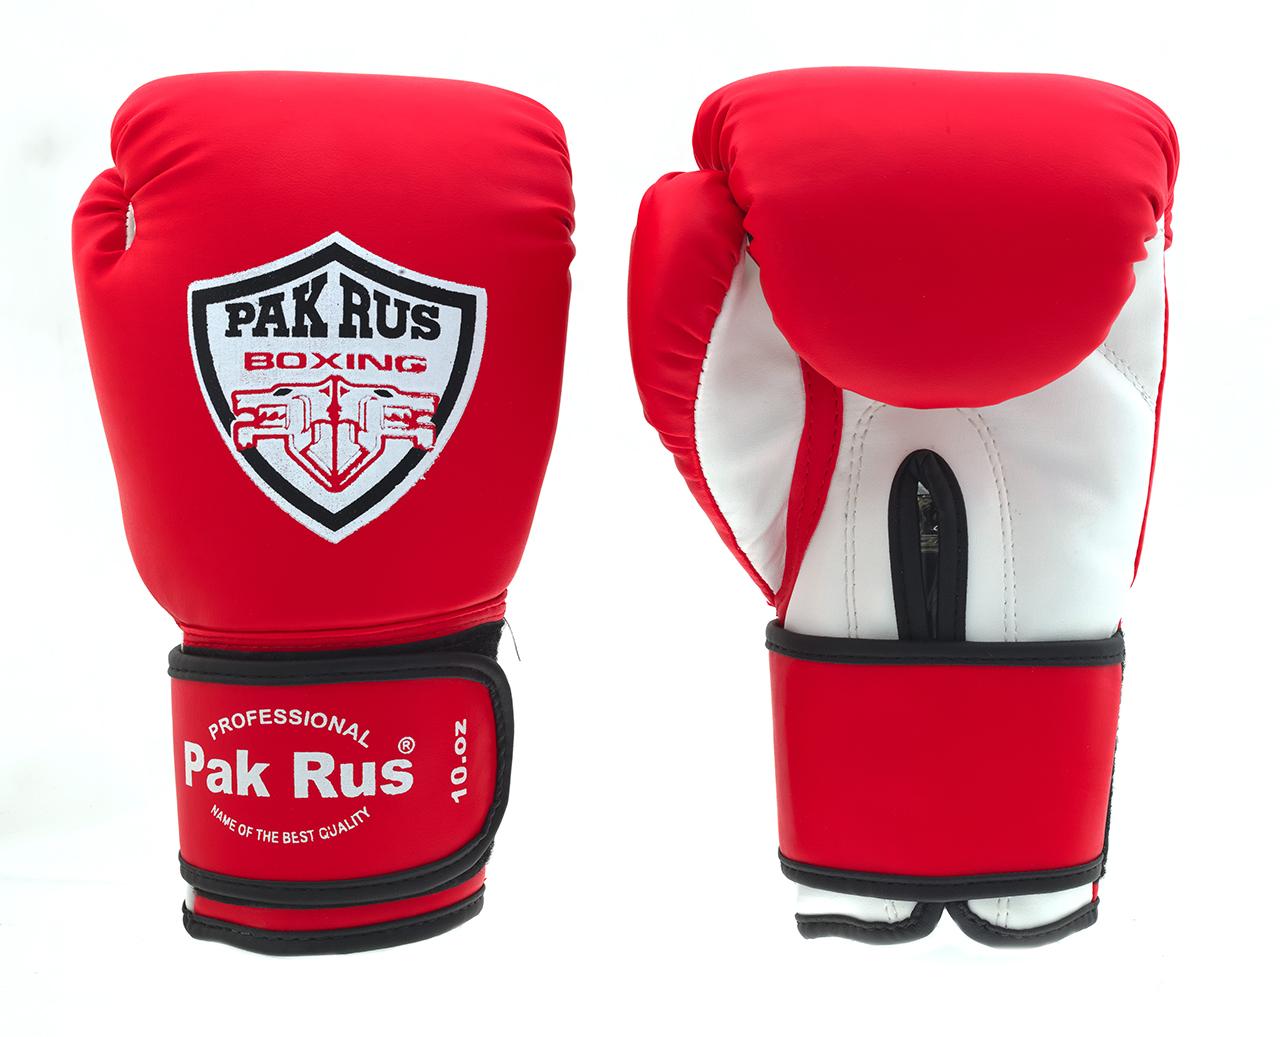 Перчатки боксерские Pak Rus, искусственная кожа Amiko, 10 OZ, PR-11-008 - артикул: 800890392